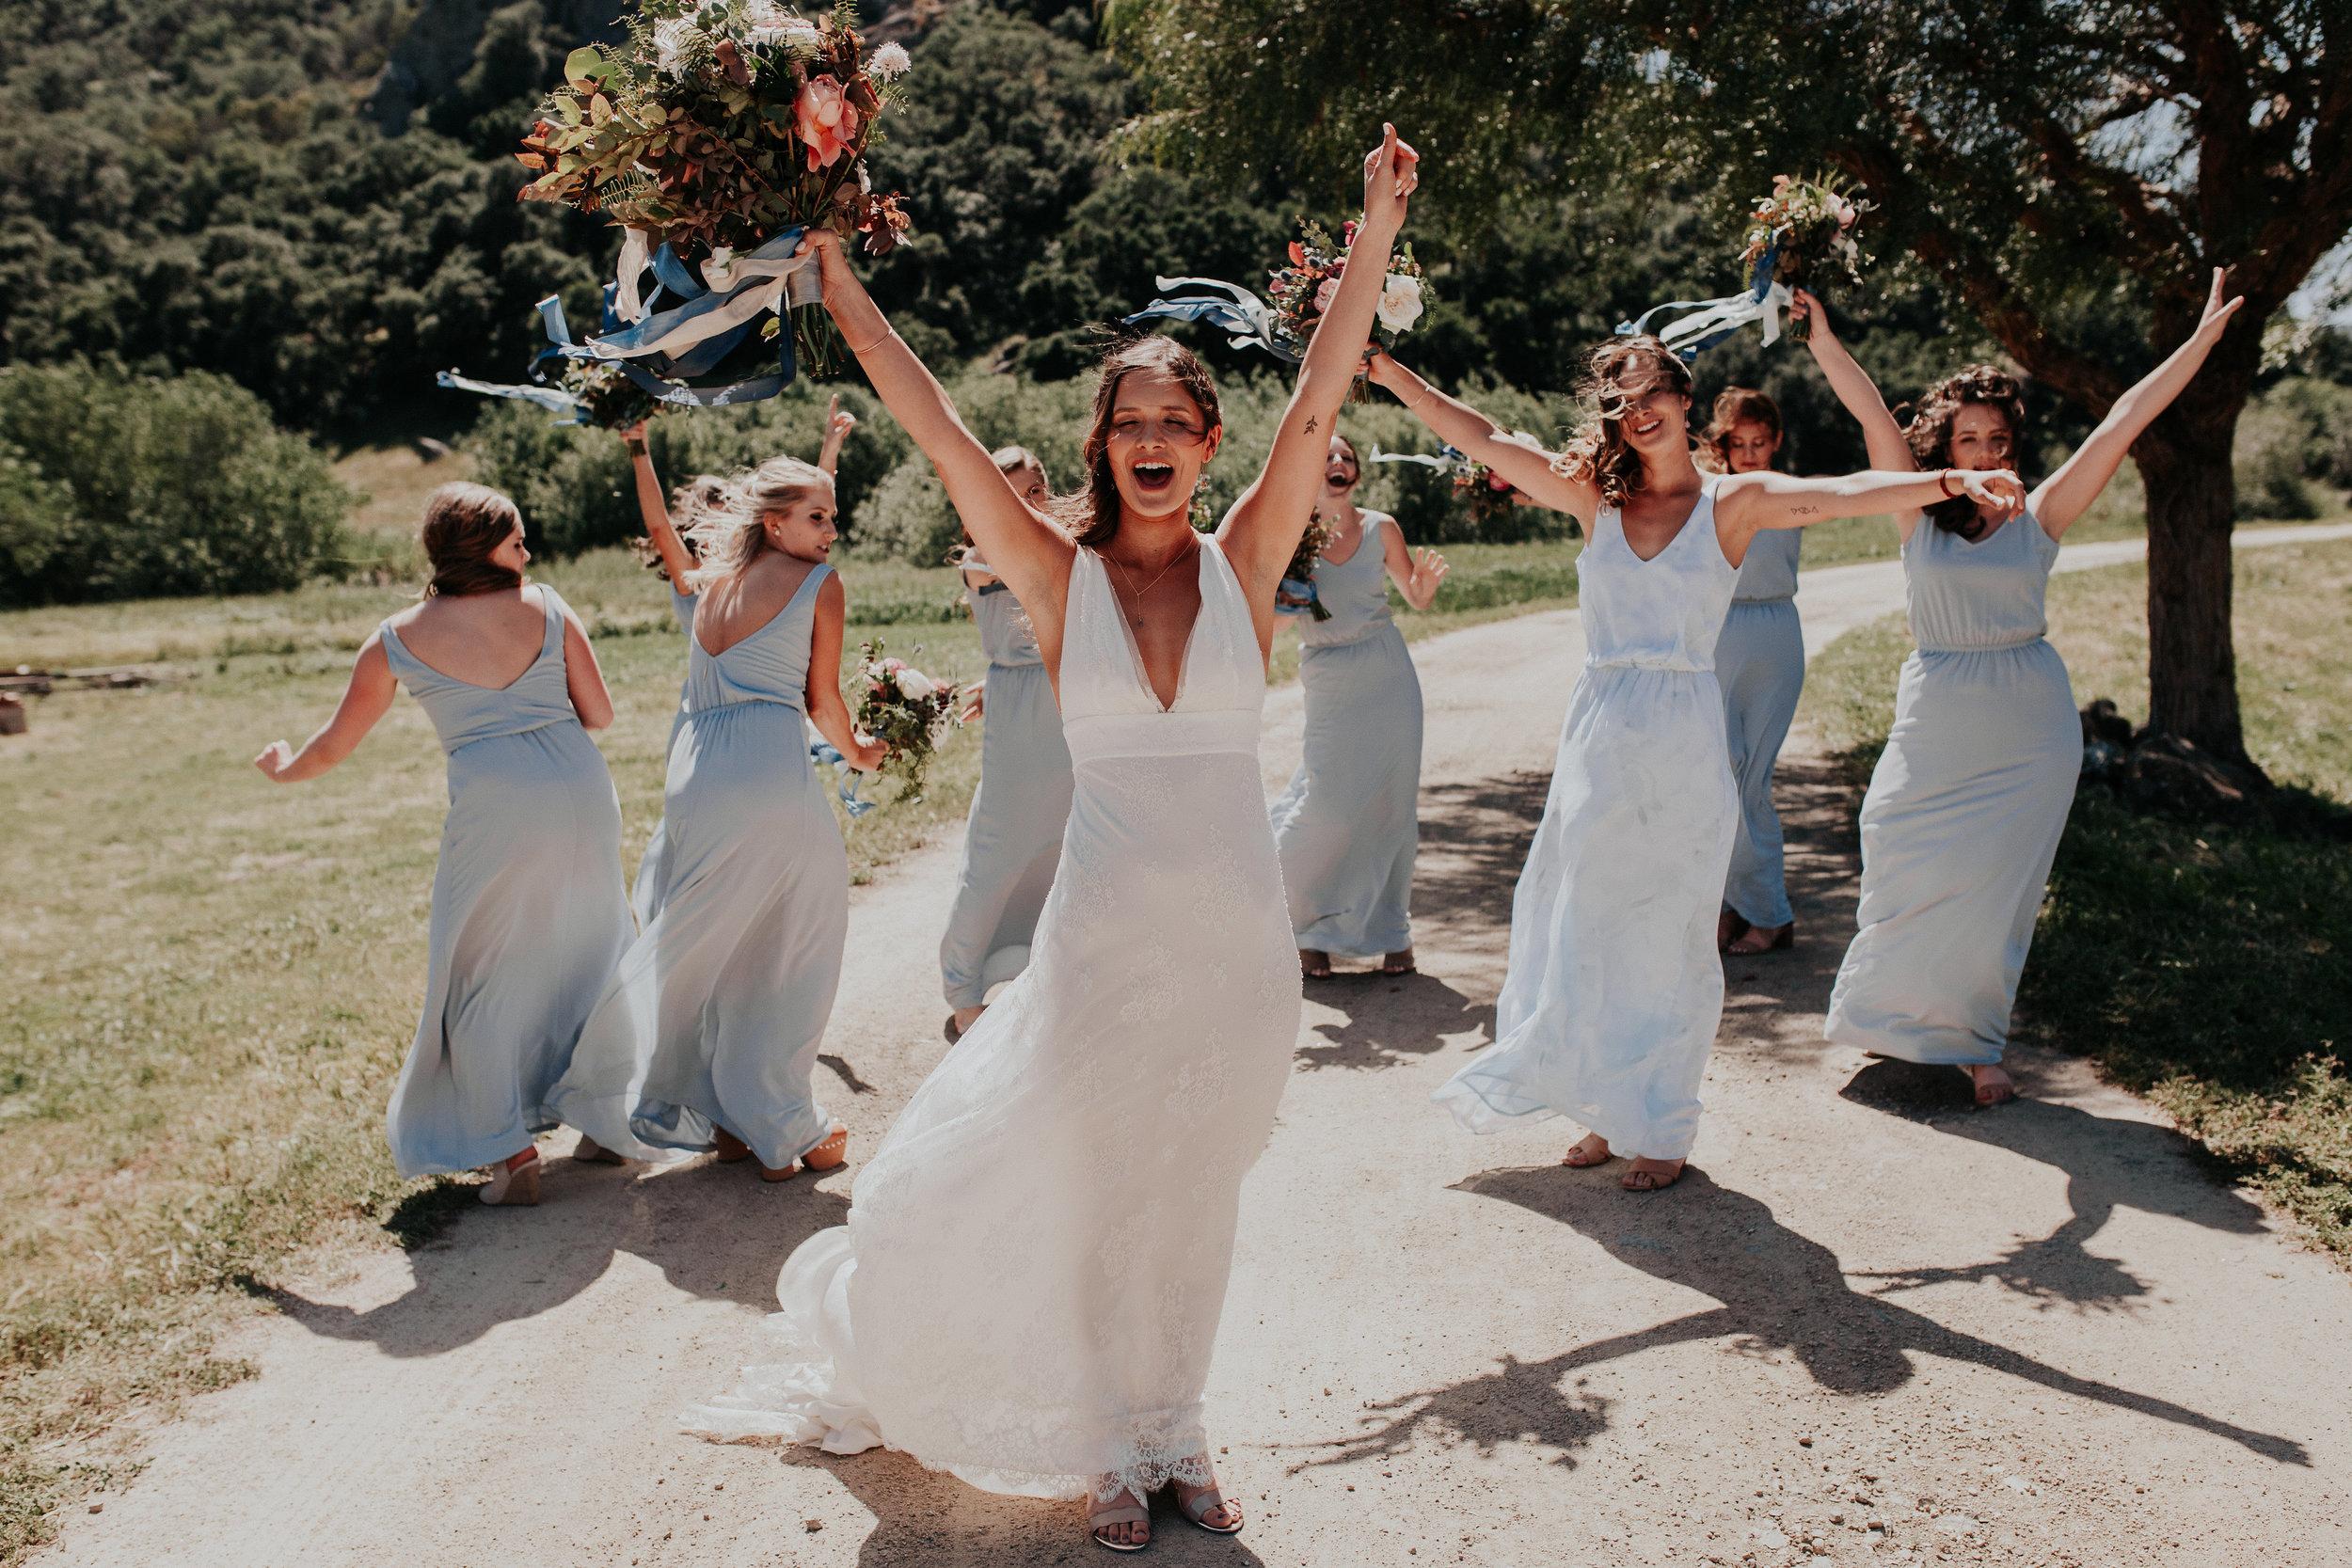 ALLD_statton_wedding-249.JPG